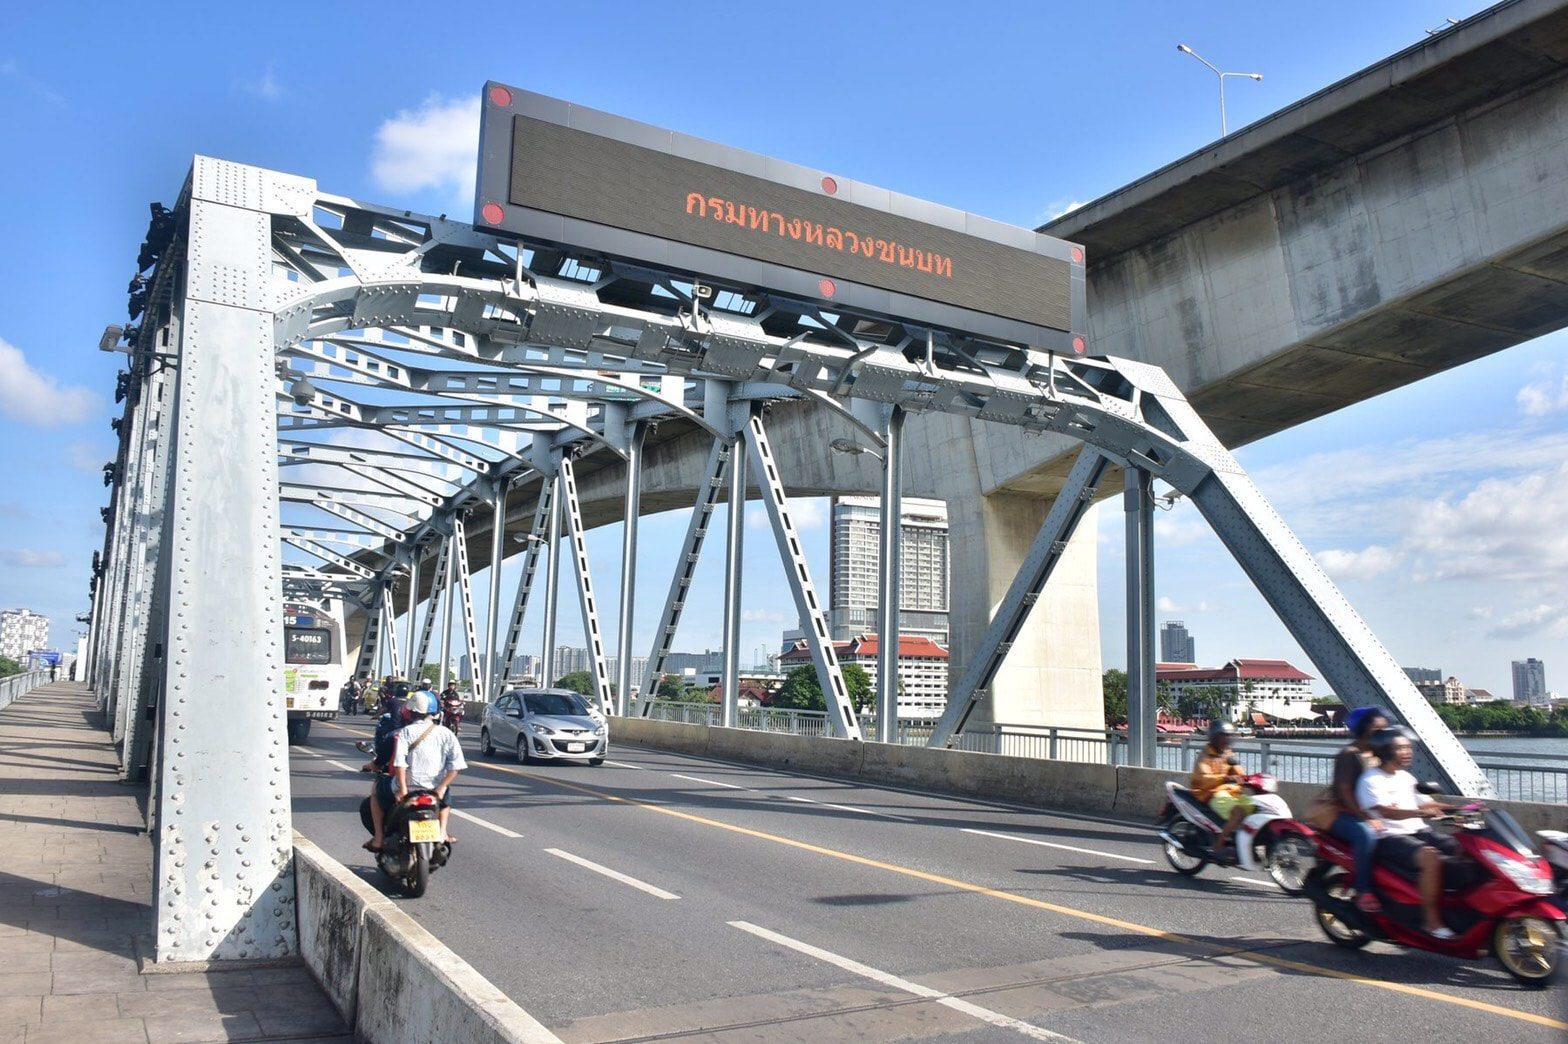 กรมทางหลวงชนบทแจ้งปิด 'สะพานกรุงเทพ' คืนที่ 21 ก.พ.นี้ ซ่อมแซมระบบ